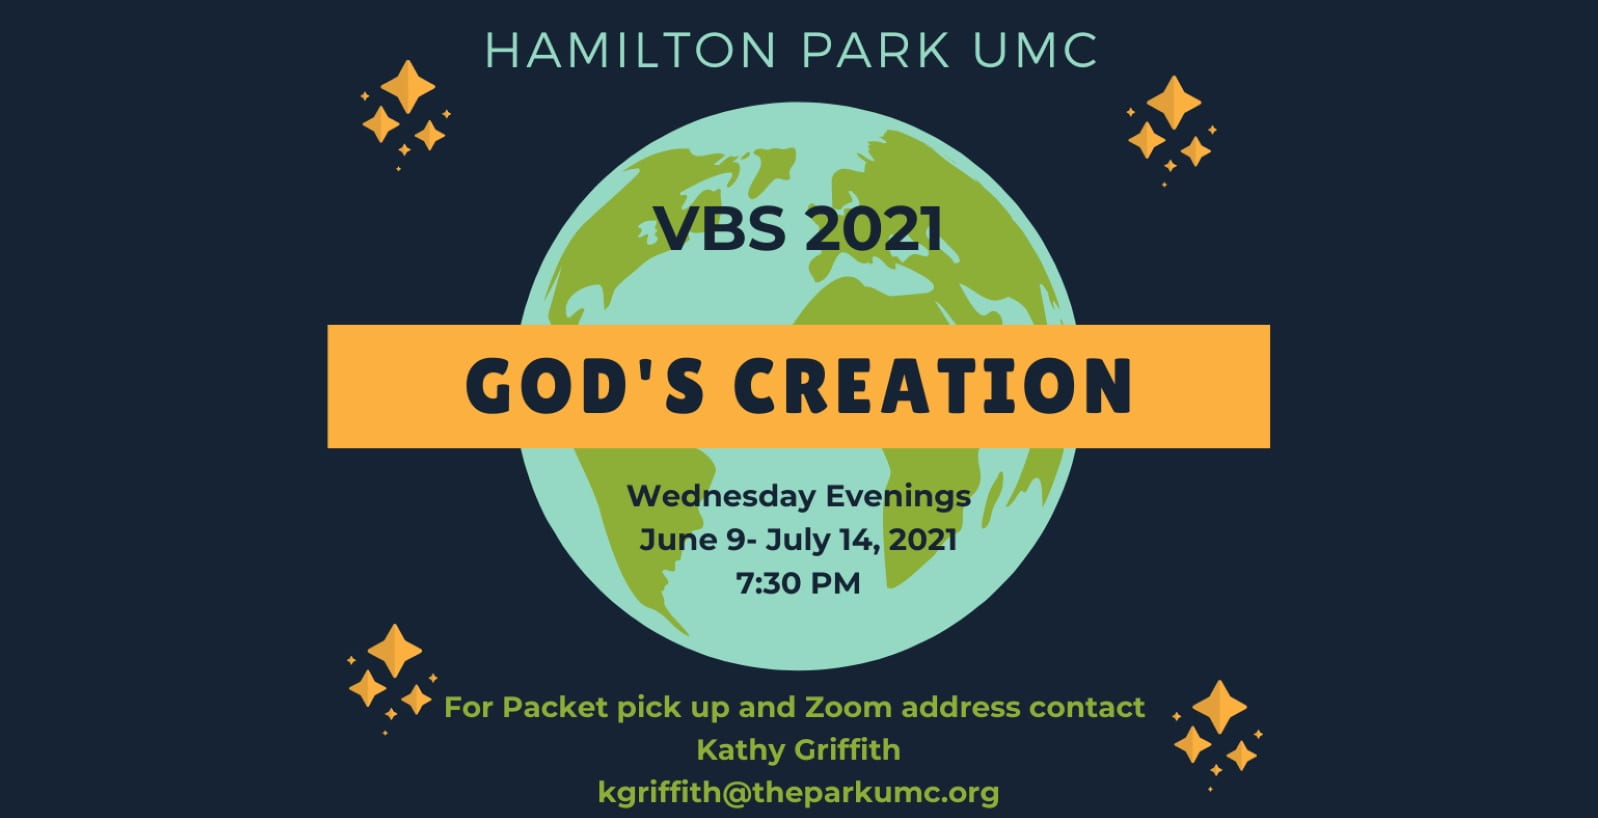 VBS 2021 God's Creation